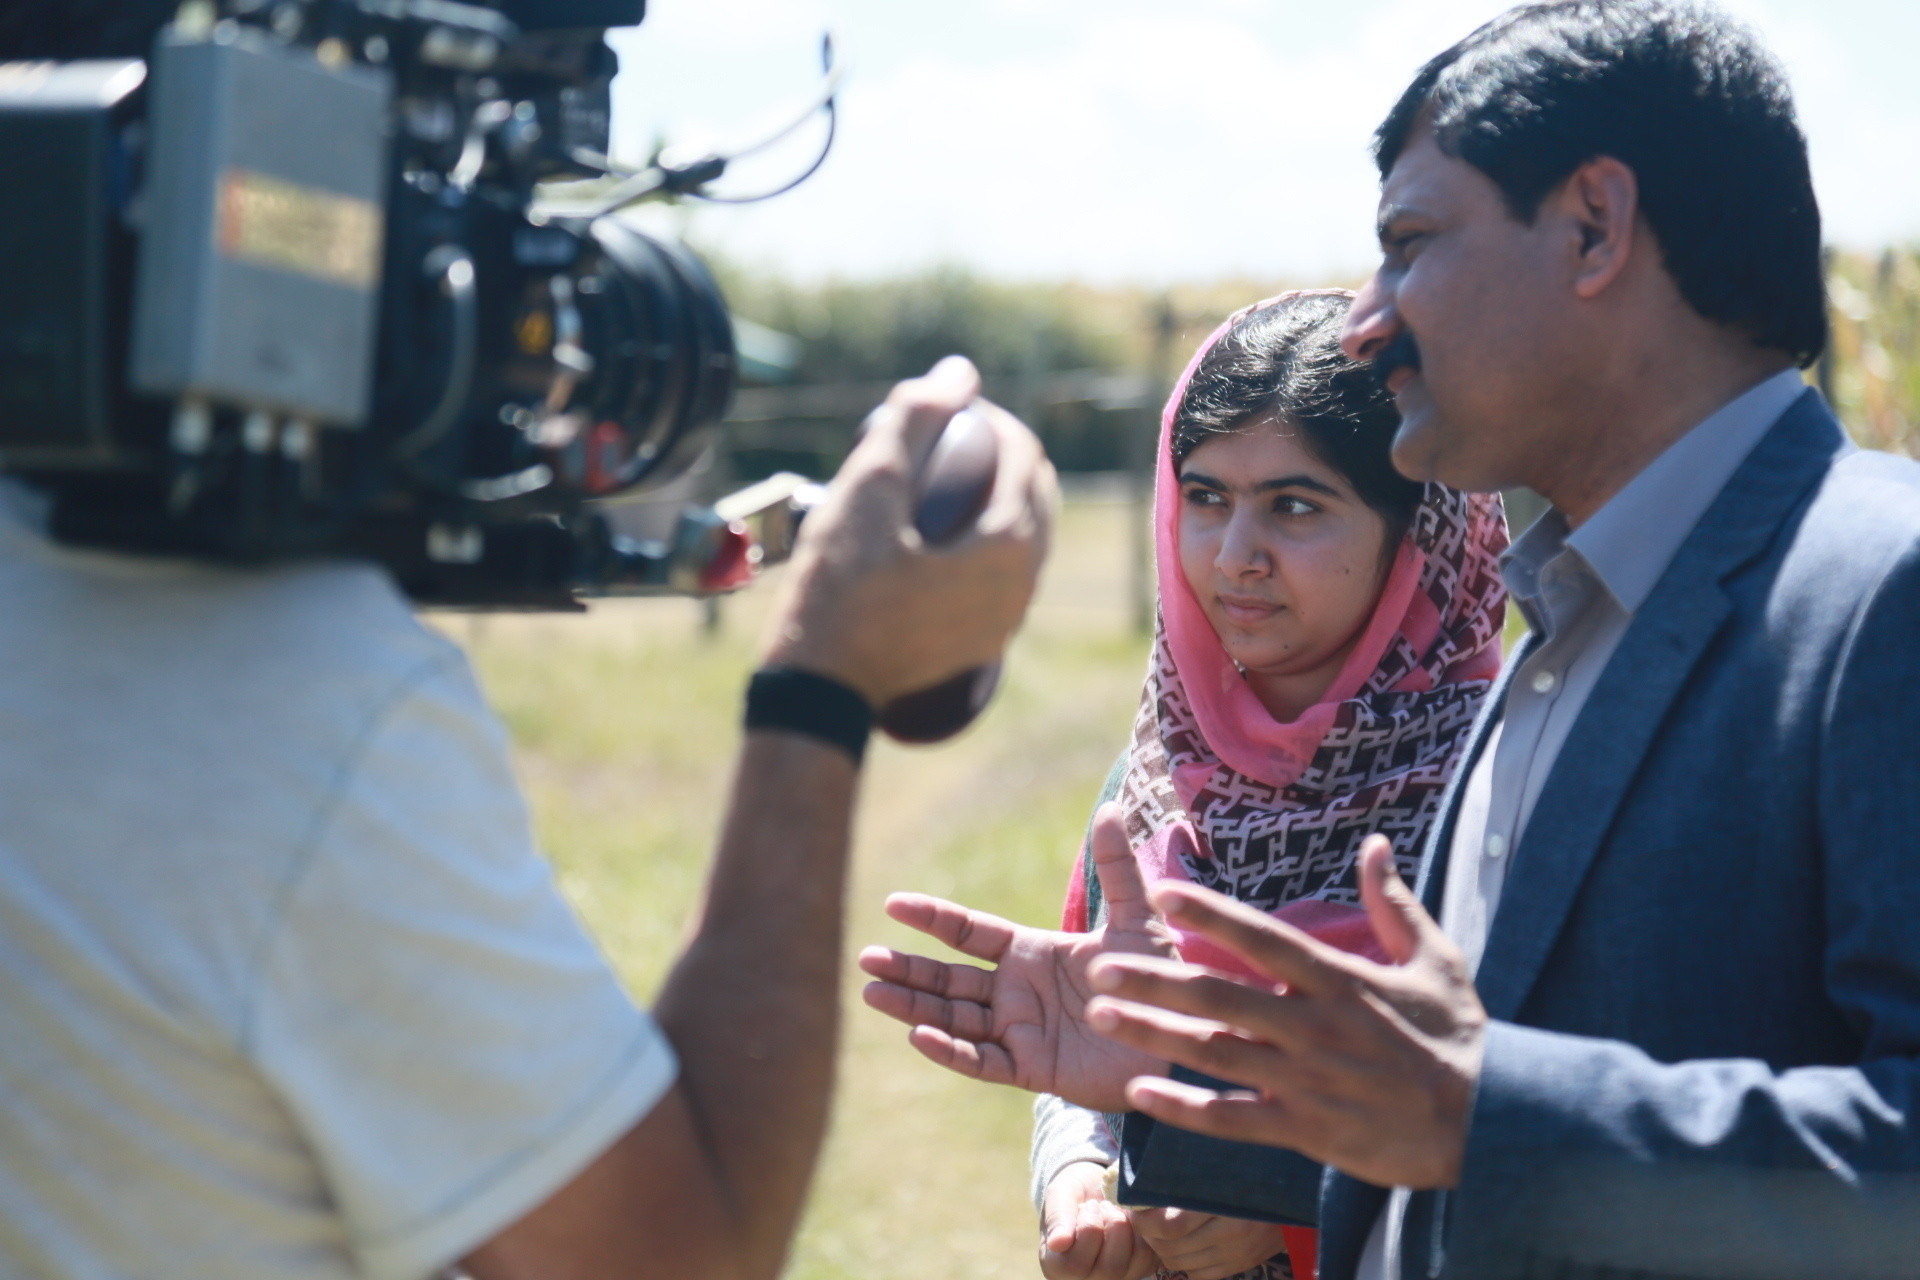 タリバンに撃たれた少女マララさんのドキュメンタリーが12月公開